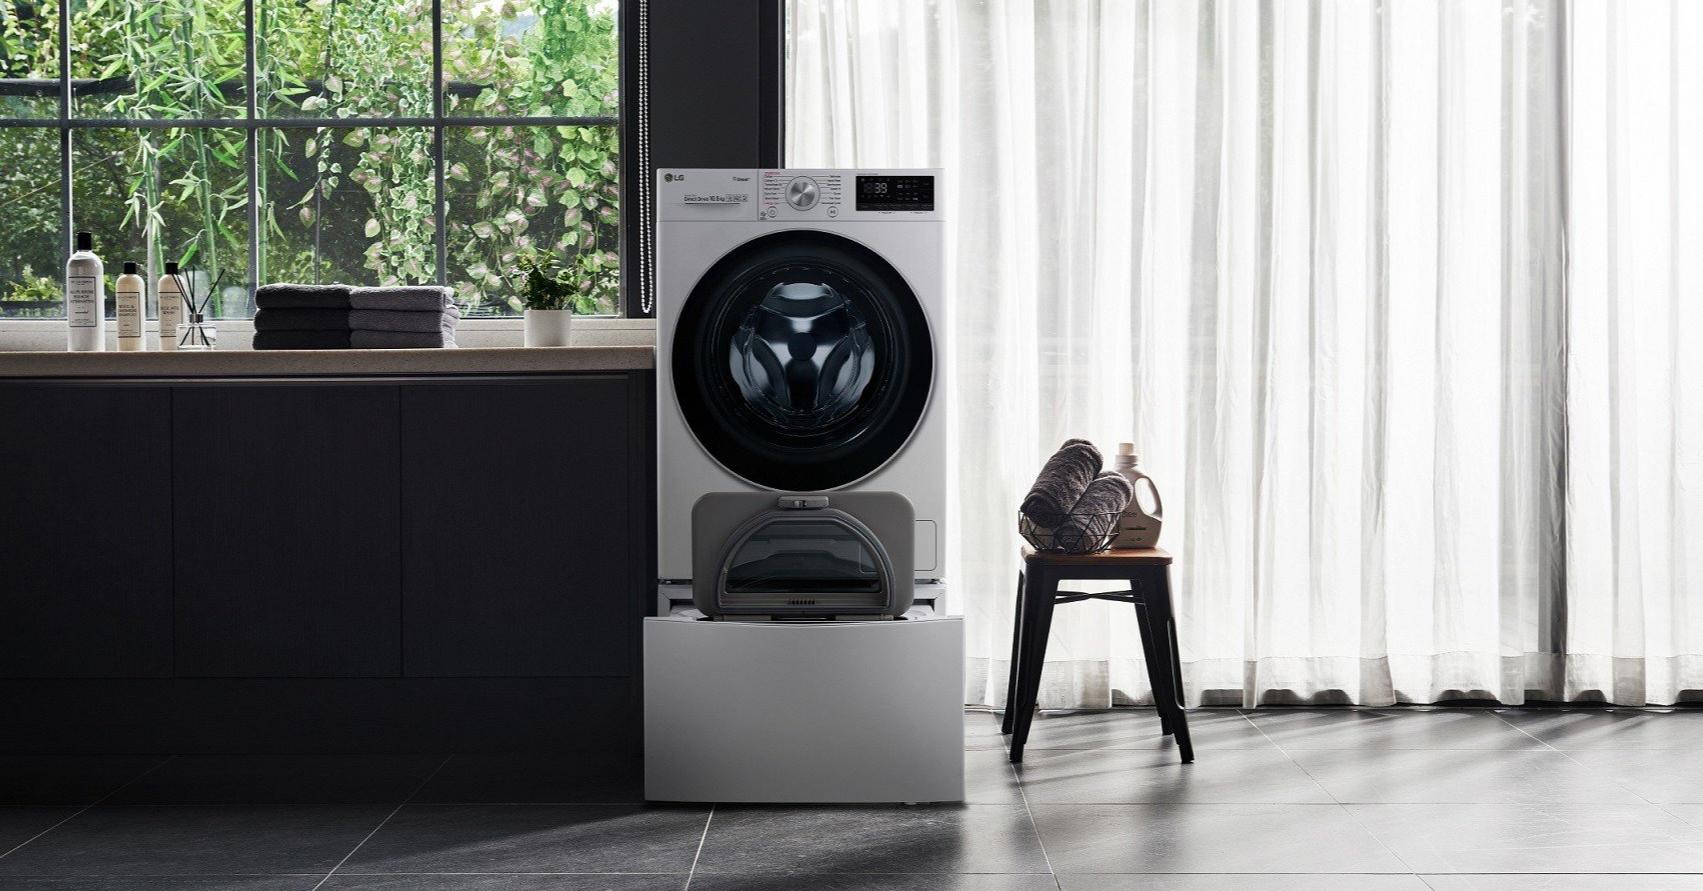 照片中包含了地板、洗衣機、LG F4WM10TWIN TwinWash Waschmaschine、洗滌、機